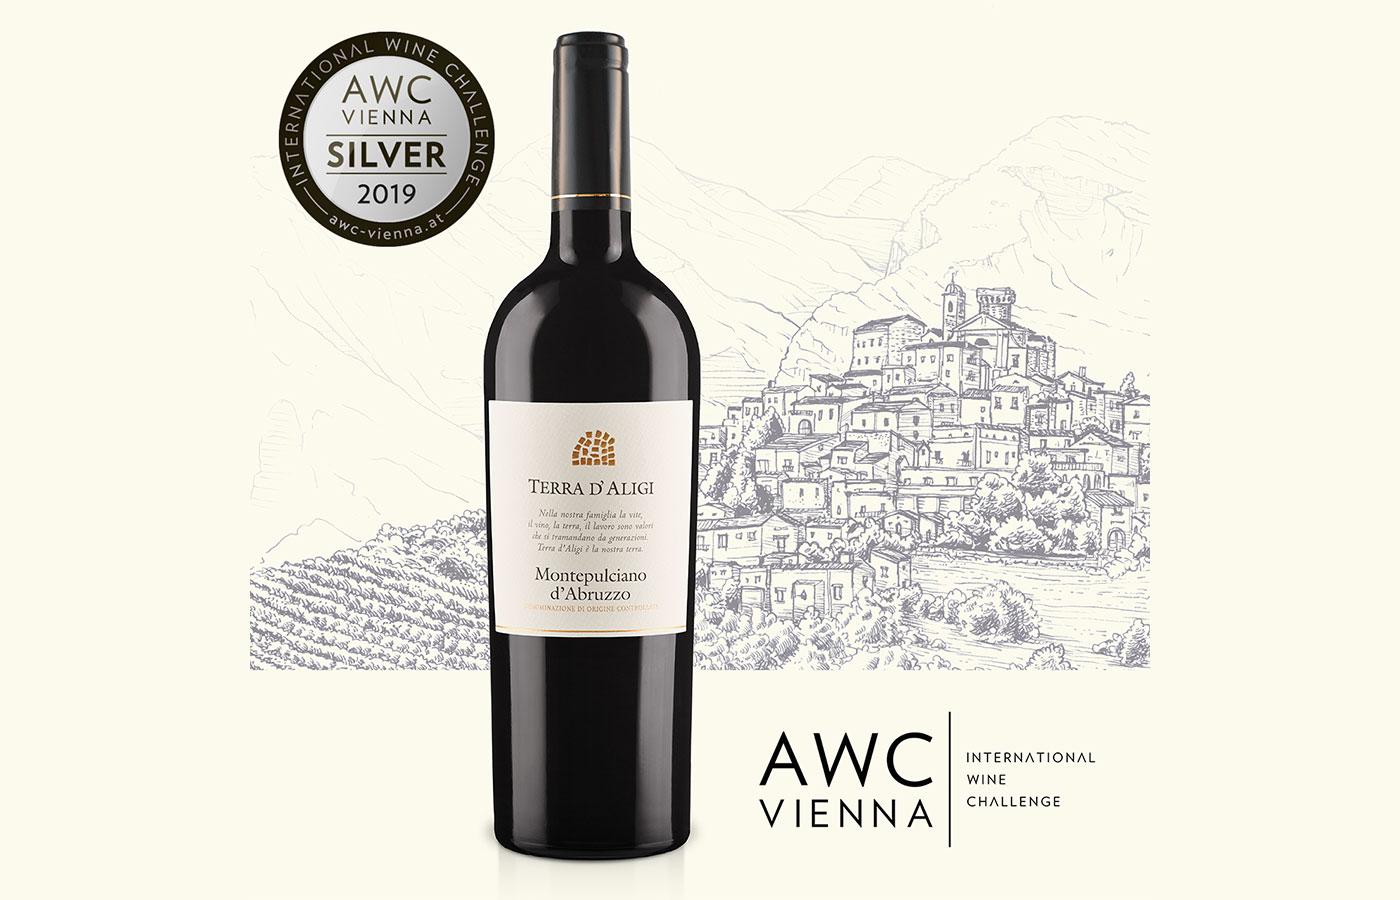 AWC Vienna 2019. Medaglia d'argento per il Montepulciano d'Abruzzo 2016 Terra d'Aligi!